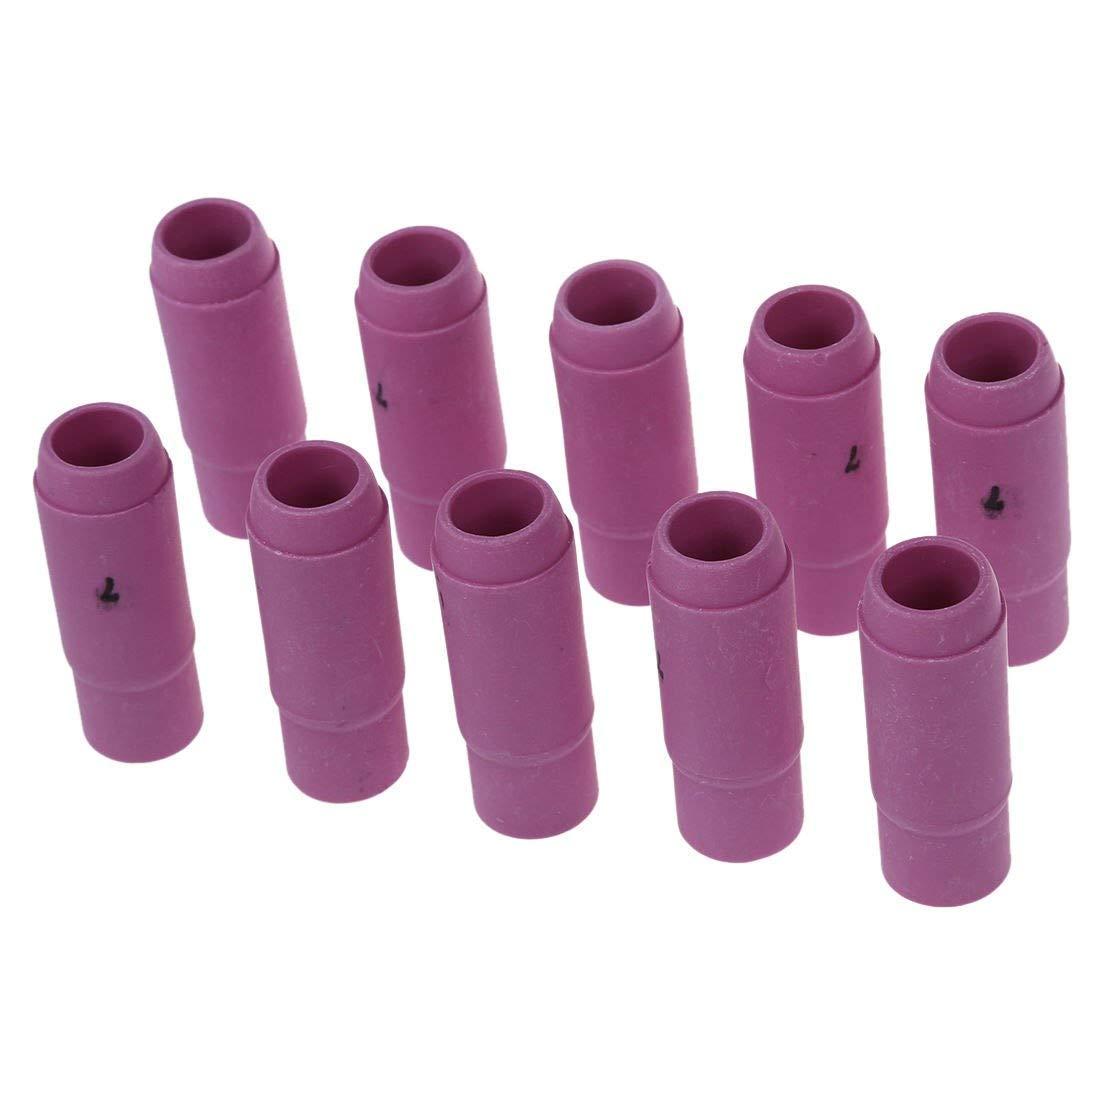 BloomGrün Co. 10 PC-Schweißbrenner Keramische Düsen 10N47  7 für die Taschenlampe 17 18 26